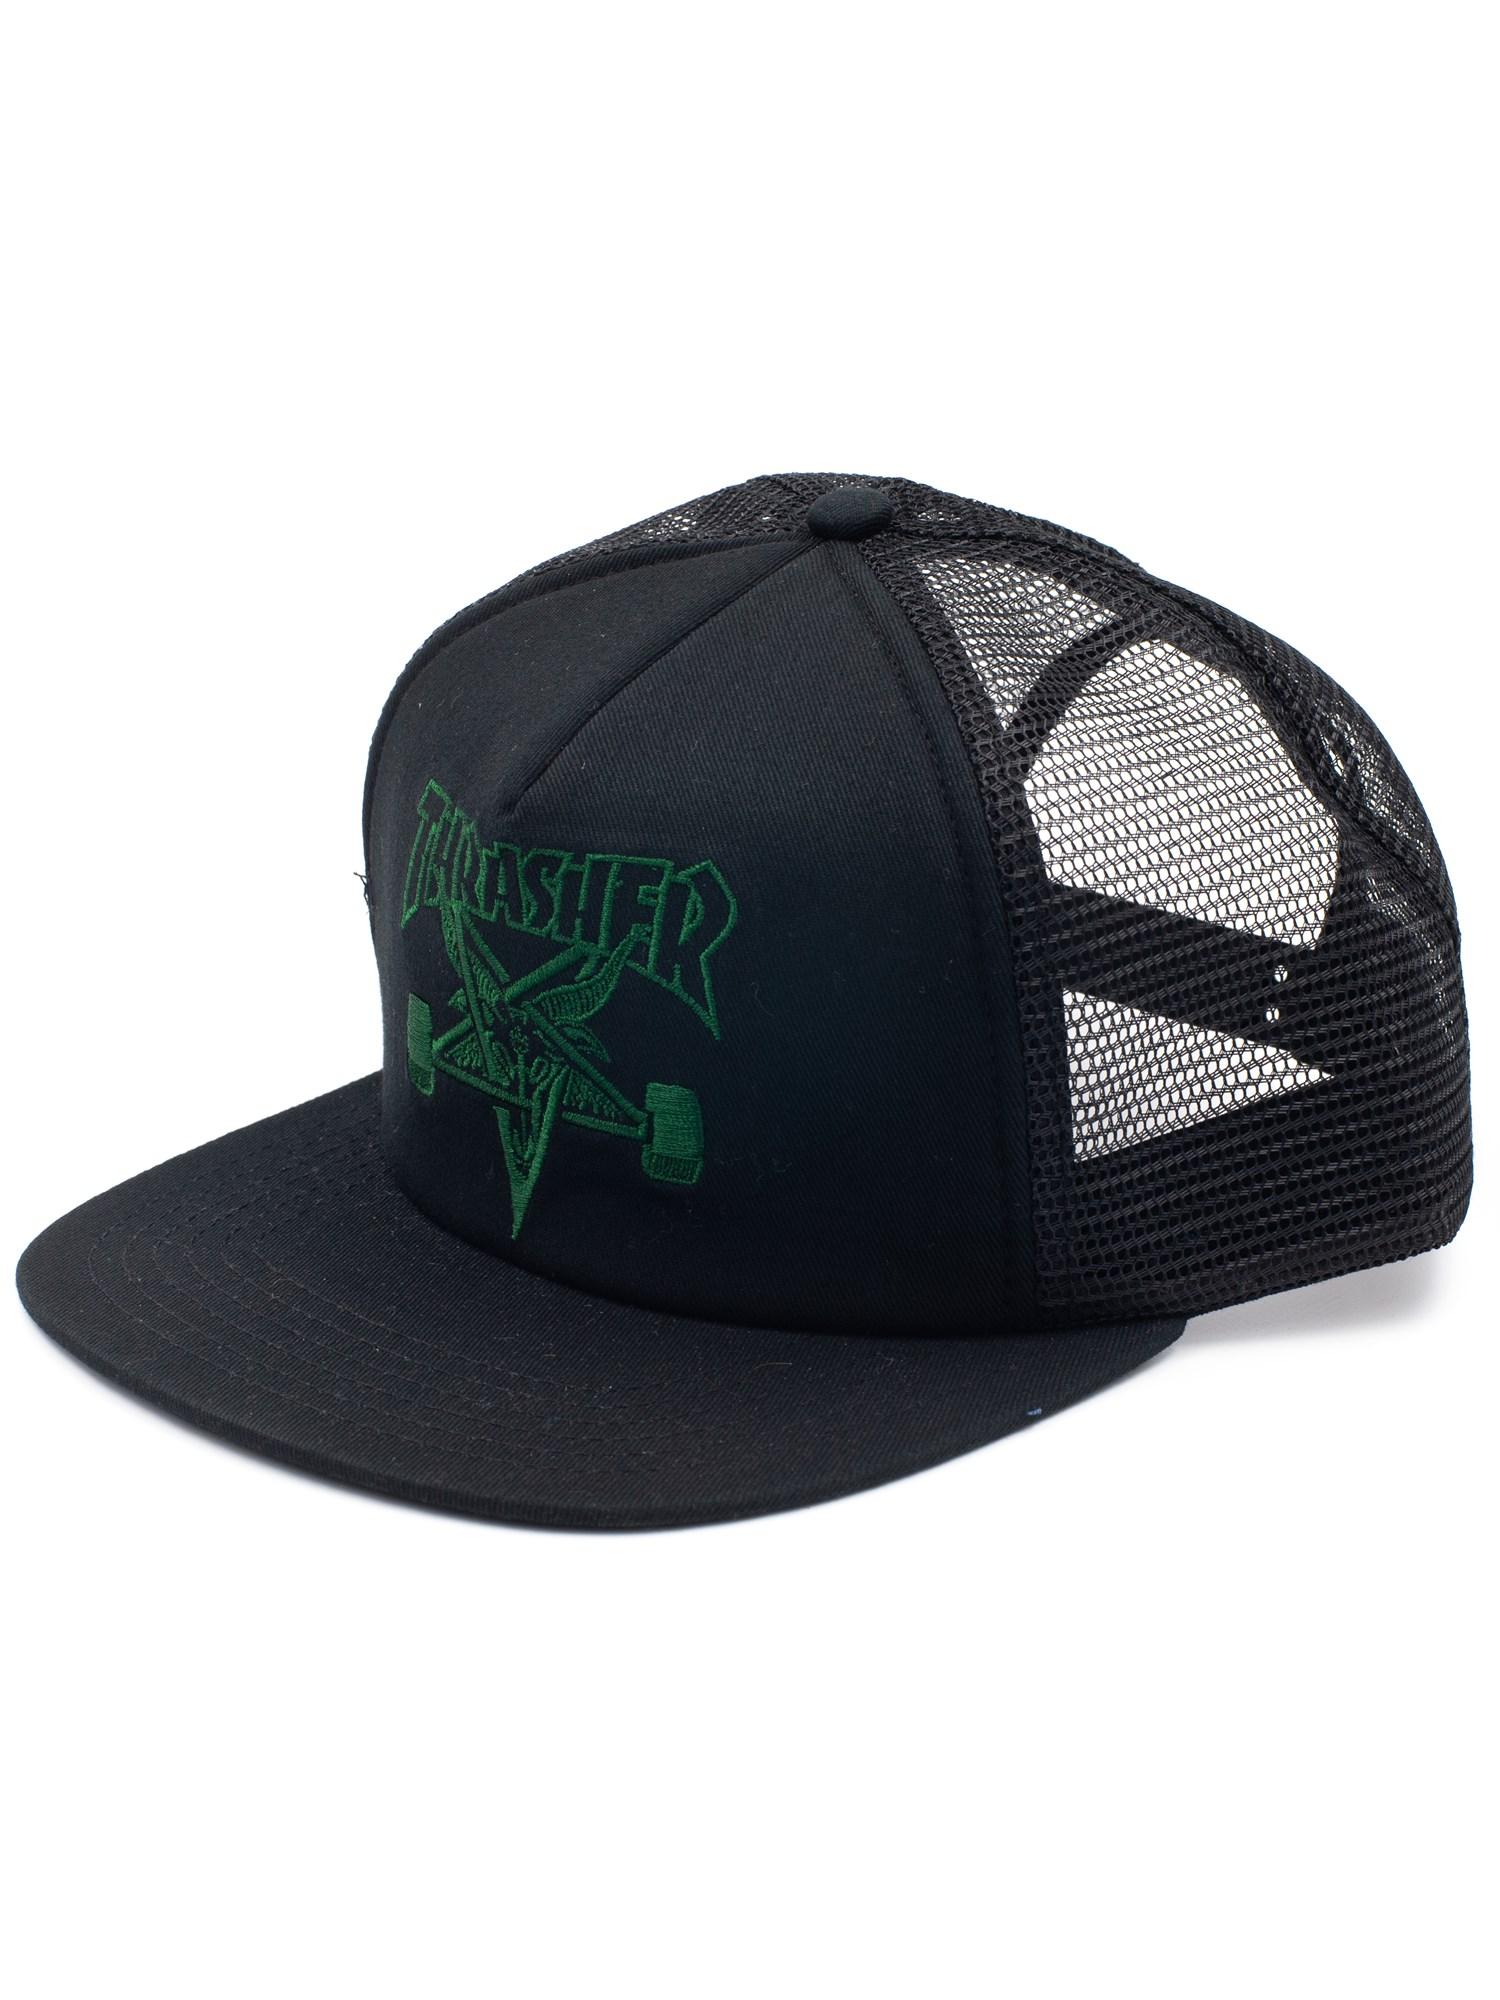 SHOPMen StreetwearCapsTrucker. Thrasher. Skate Goat Embroidered Mesh Cap 00e15ffb3ab